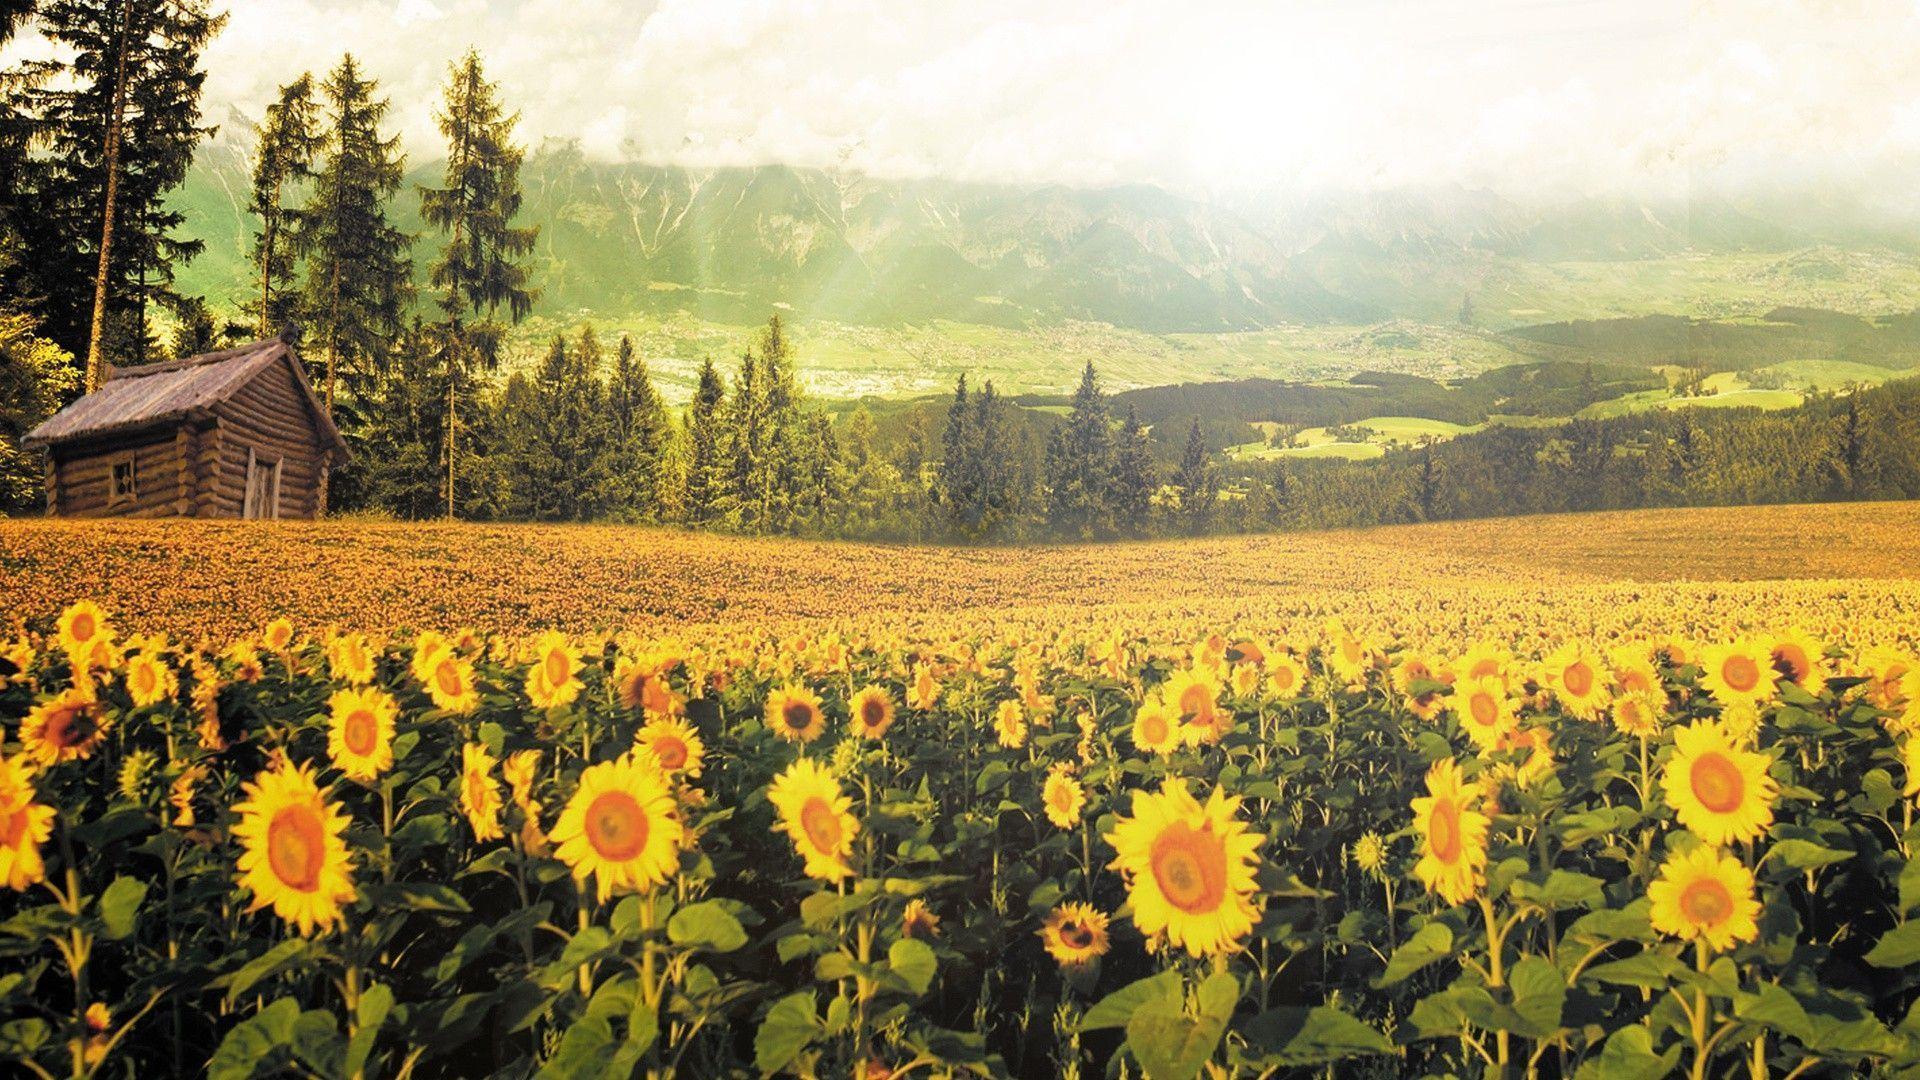 Hình nền cánh đồng hoa hướng dương